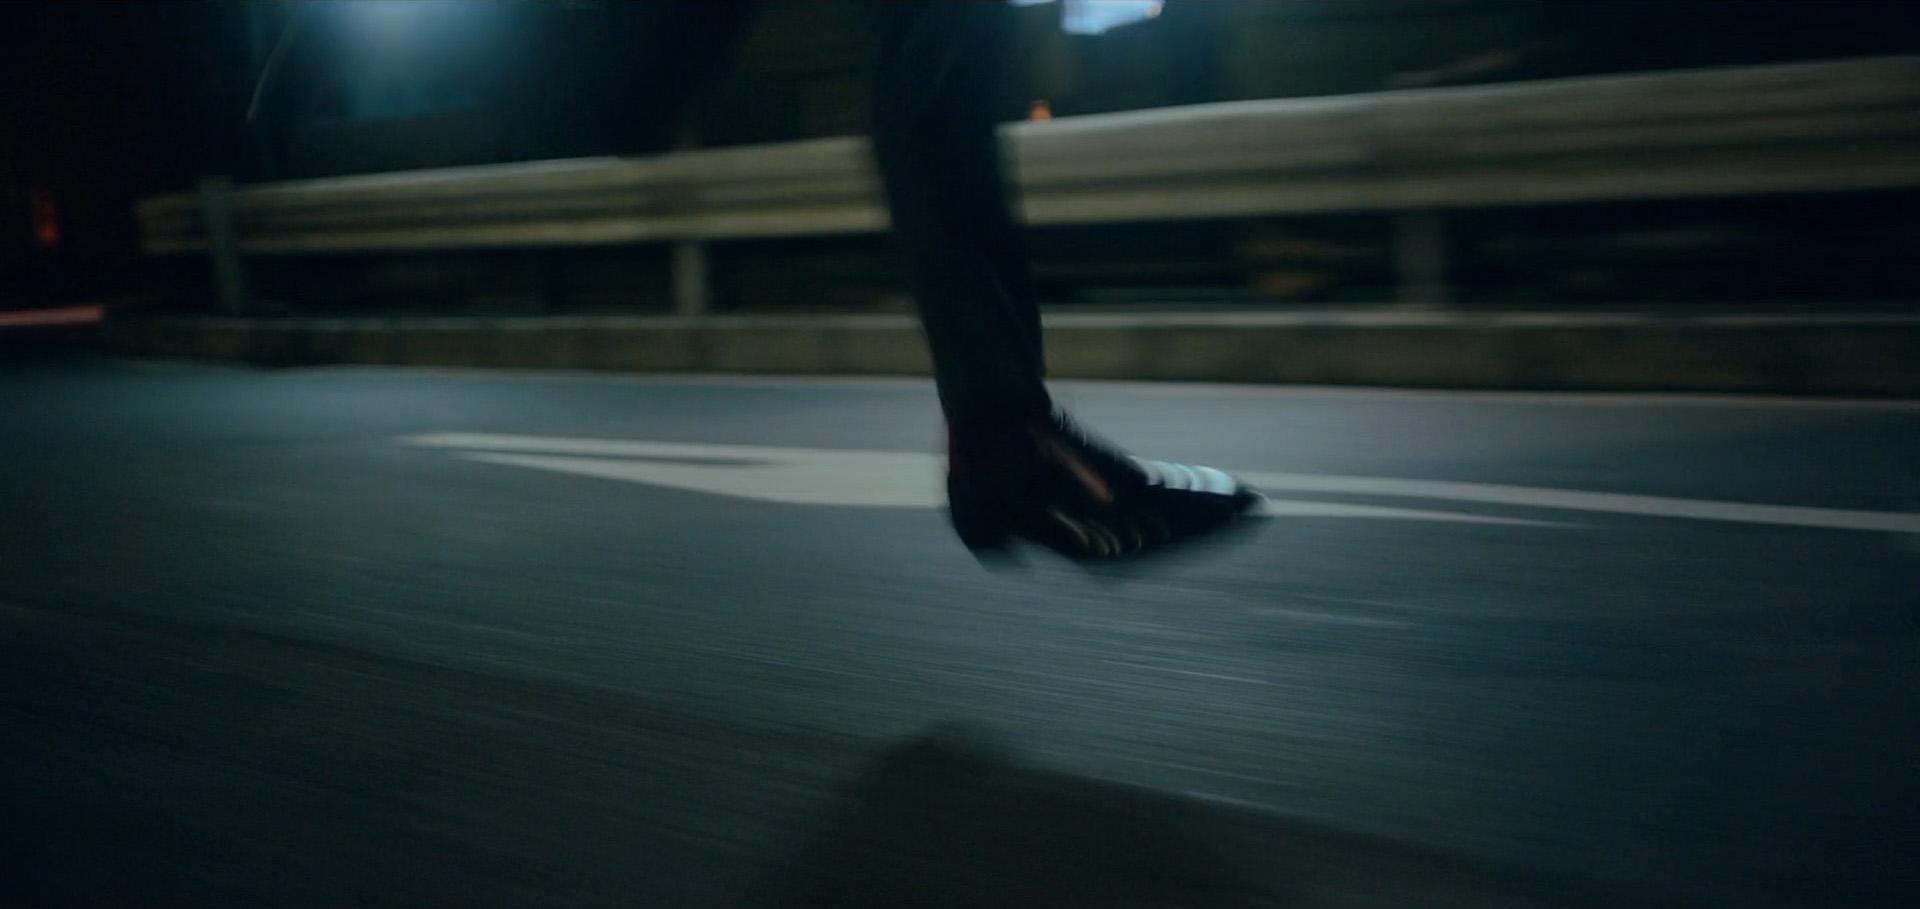 032 - Audi - Runner-0099